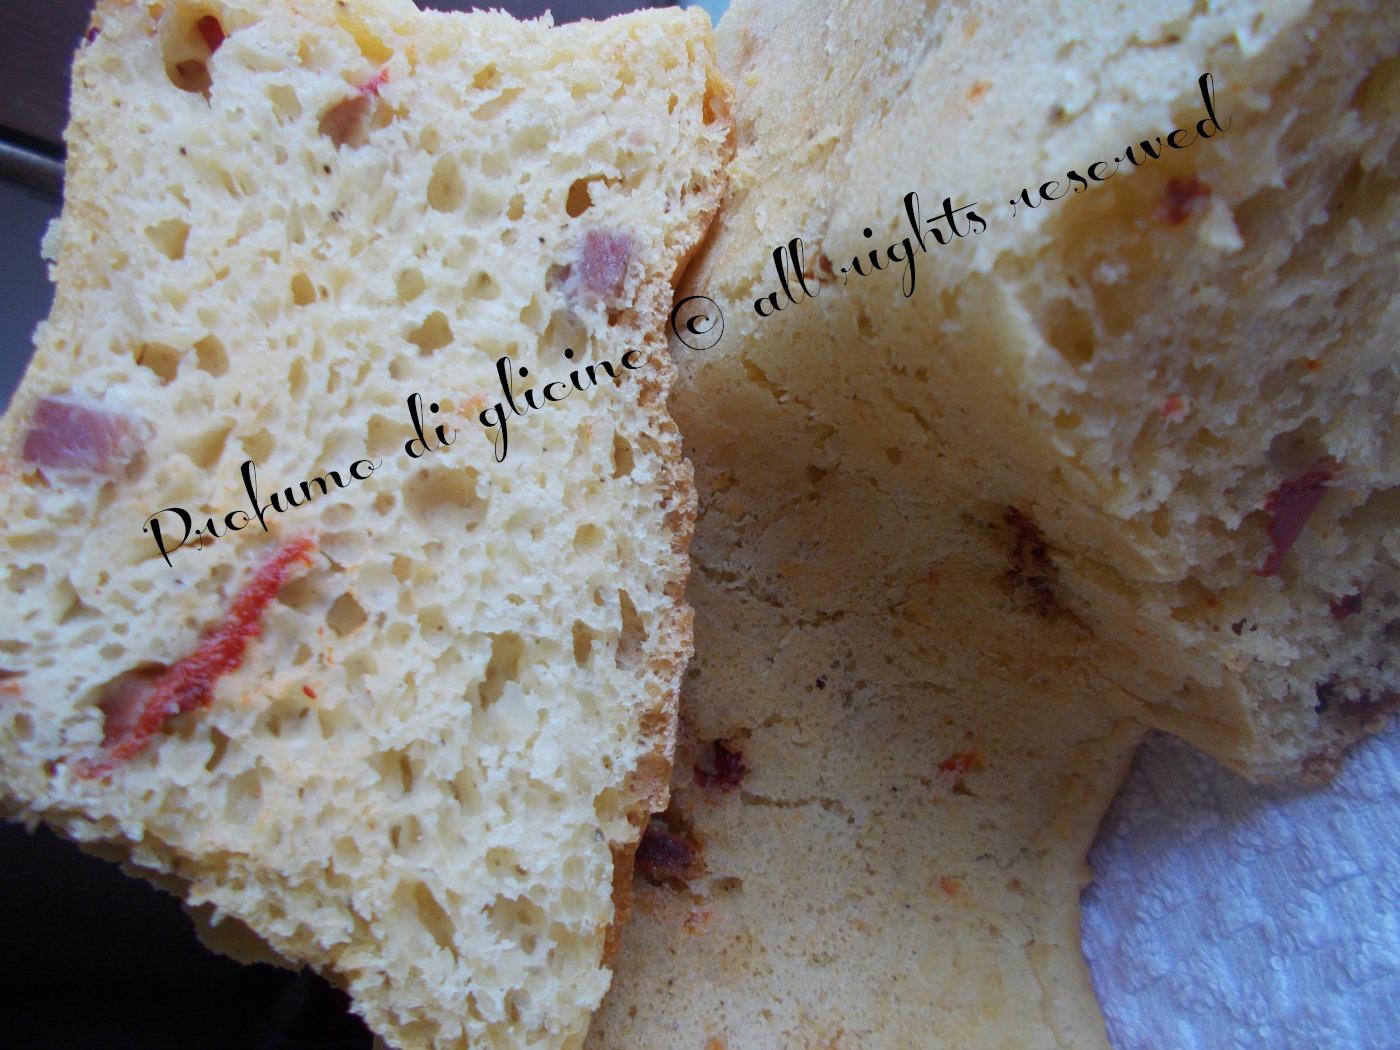 ciambella rustica con peperoni salame e scamorza - ricetta con lievito madre nella cucina di profumo di glicine